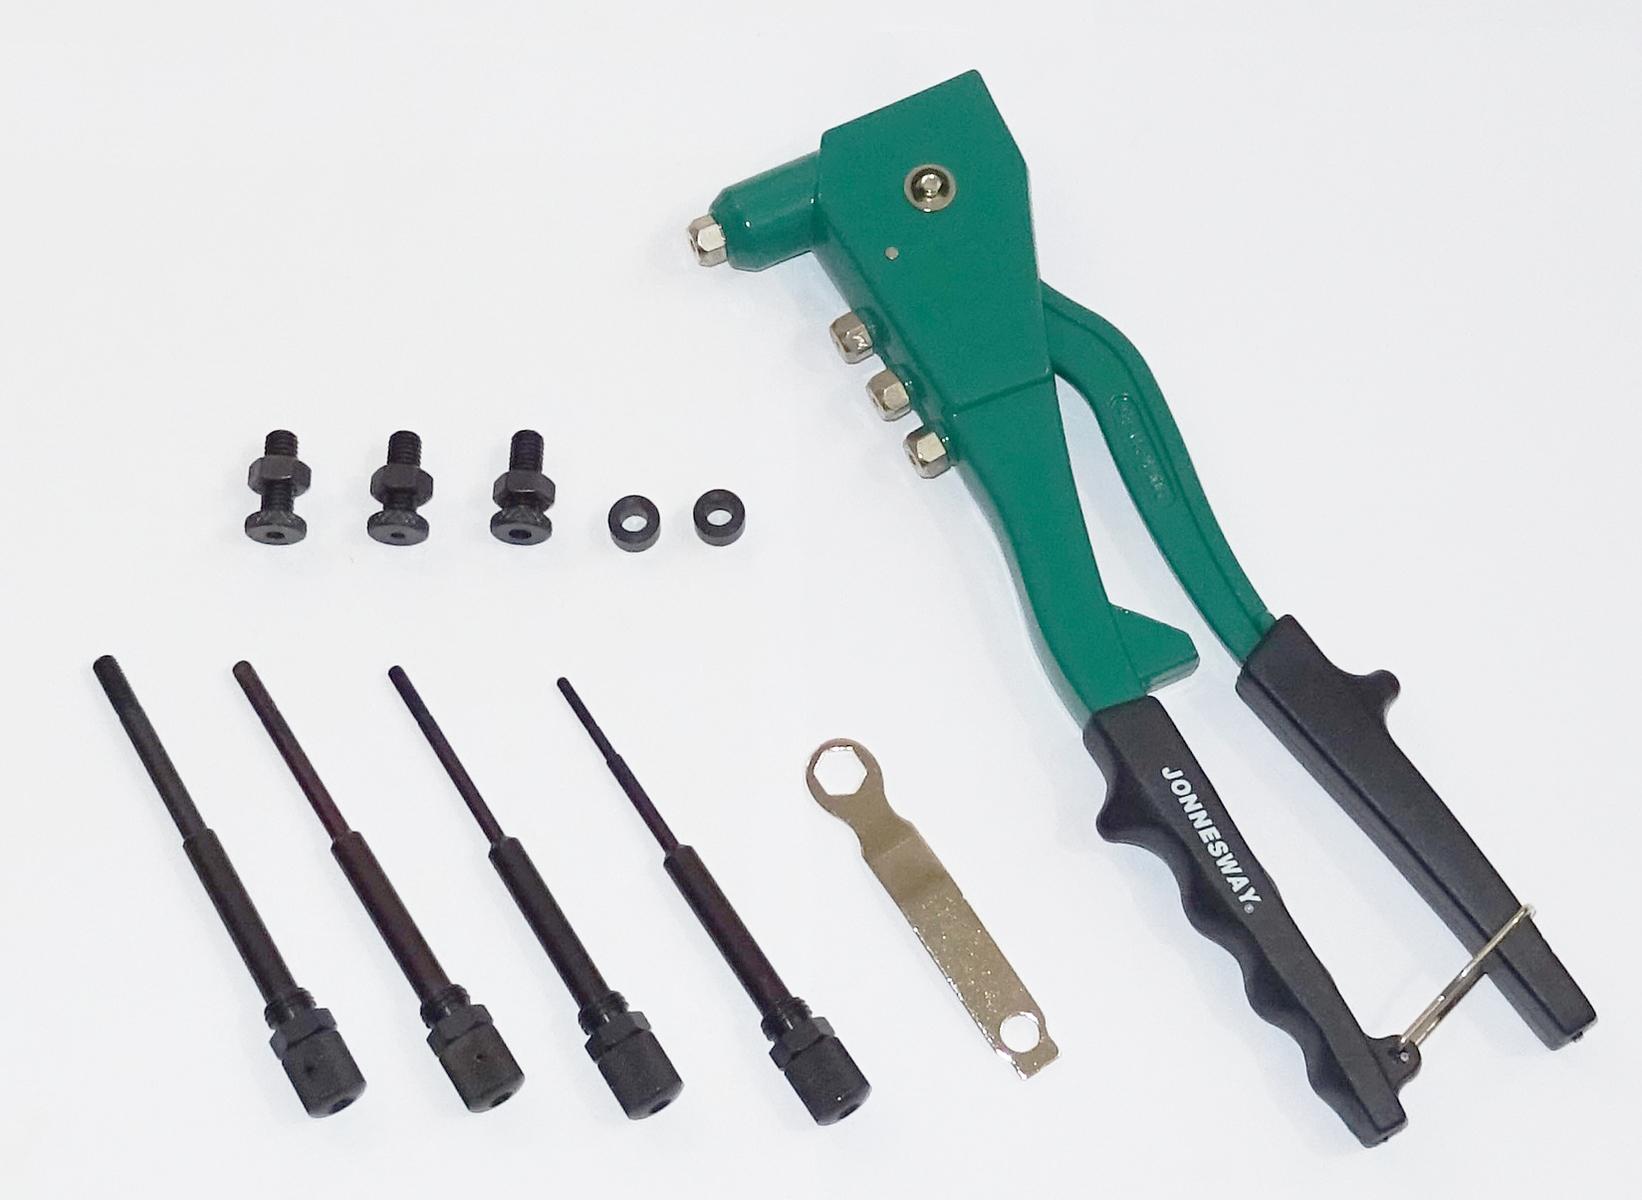 Nýtovací kleště na trhací nýty 2.4, 3.2, 4.0, 4.8 mm a maticové nýty M3-M6 JONNESWAY V1102